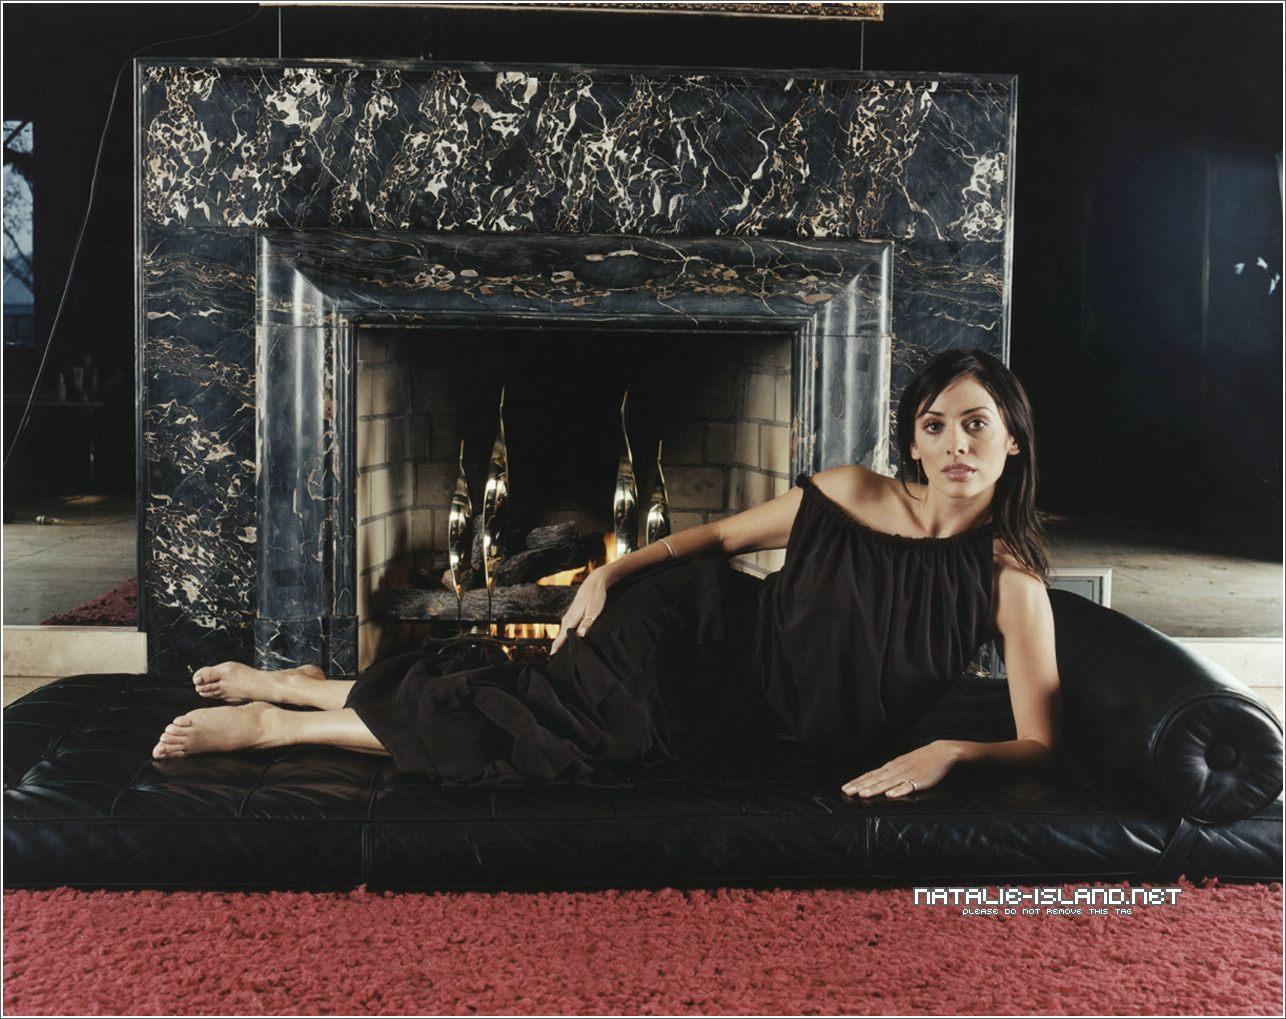 http://4.bp.blogspot.com/-GoHcos1RTDM/Tdl1LM07-tI/AAAAAAAAAxo/GphwTzWzeL0/s1600/Natalie-Imbruglia-Feet-30973.jpg